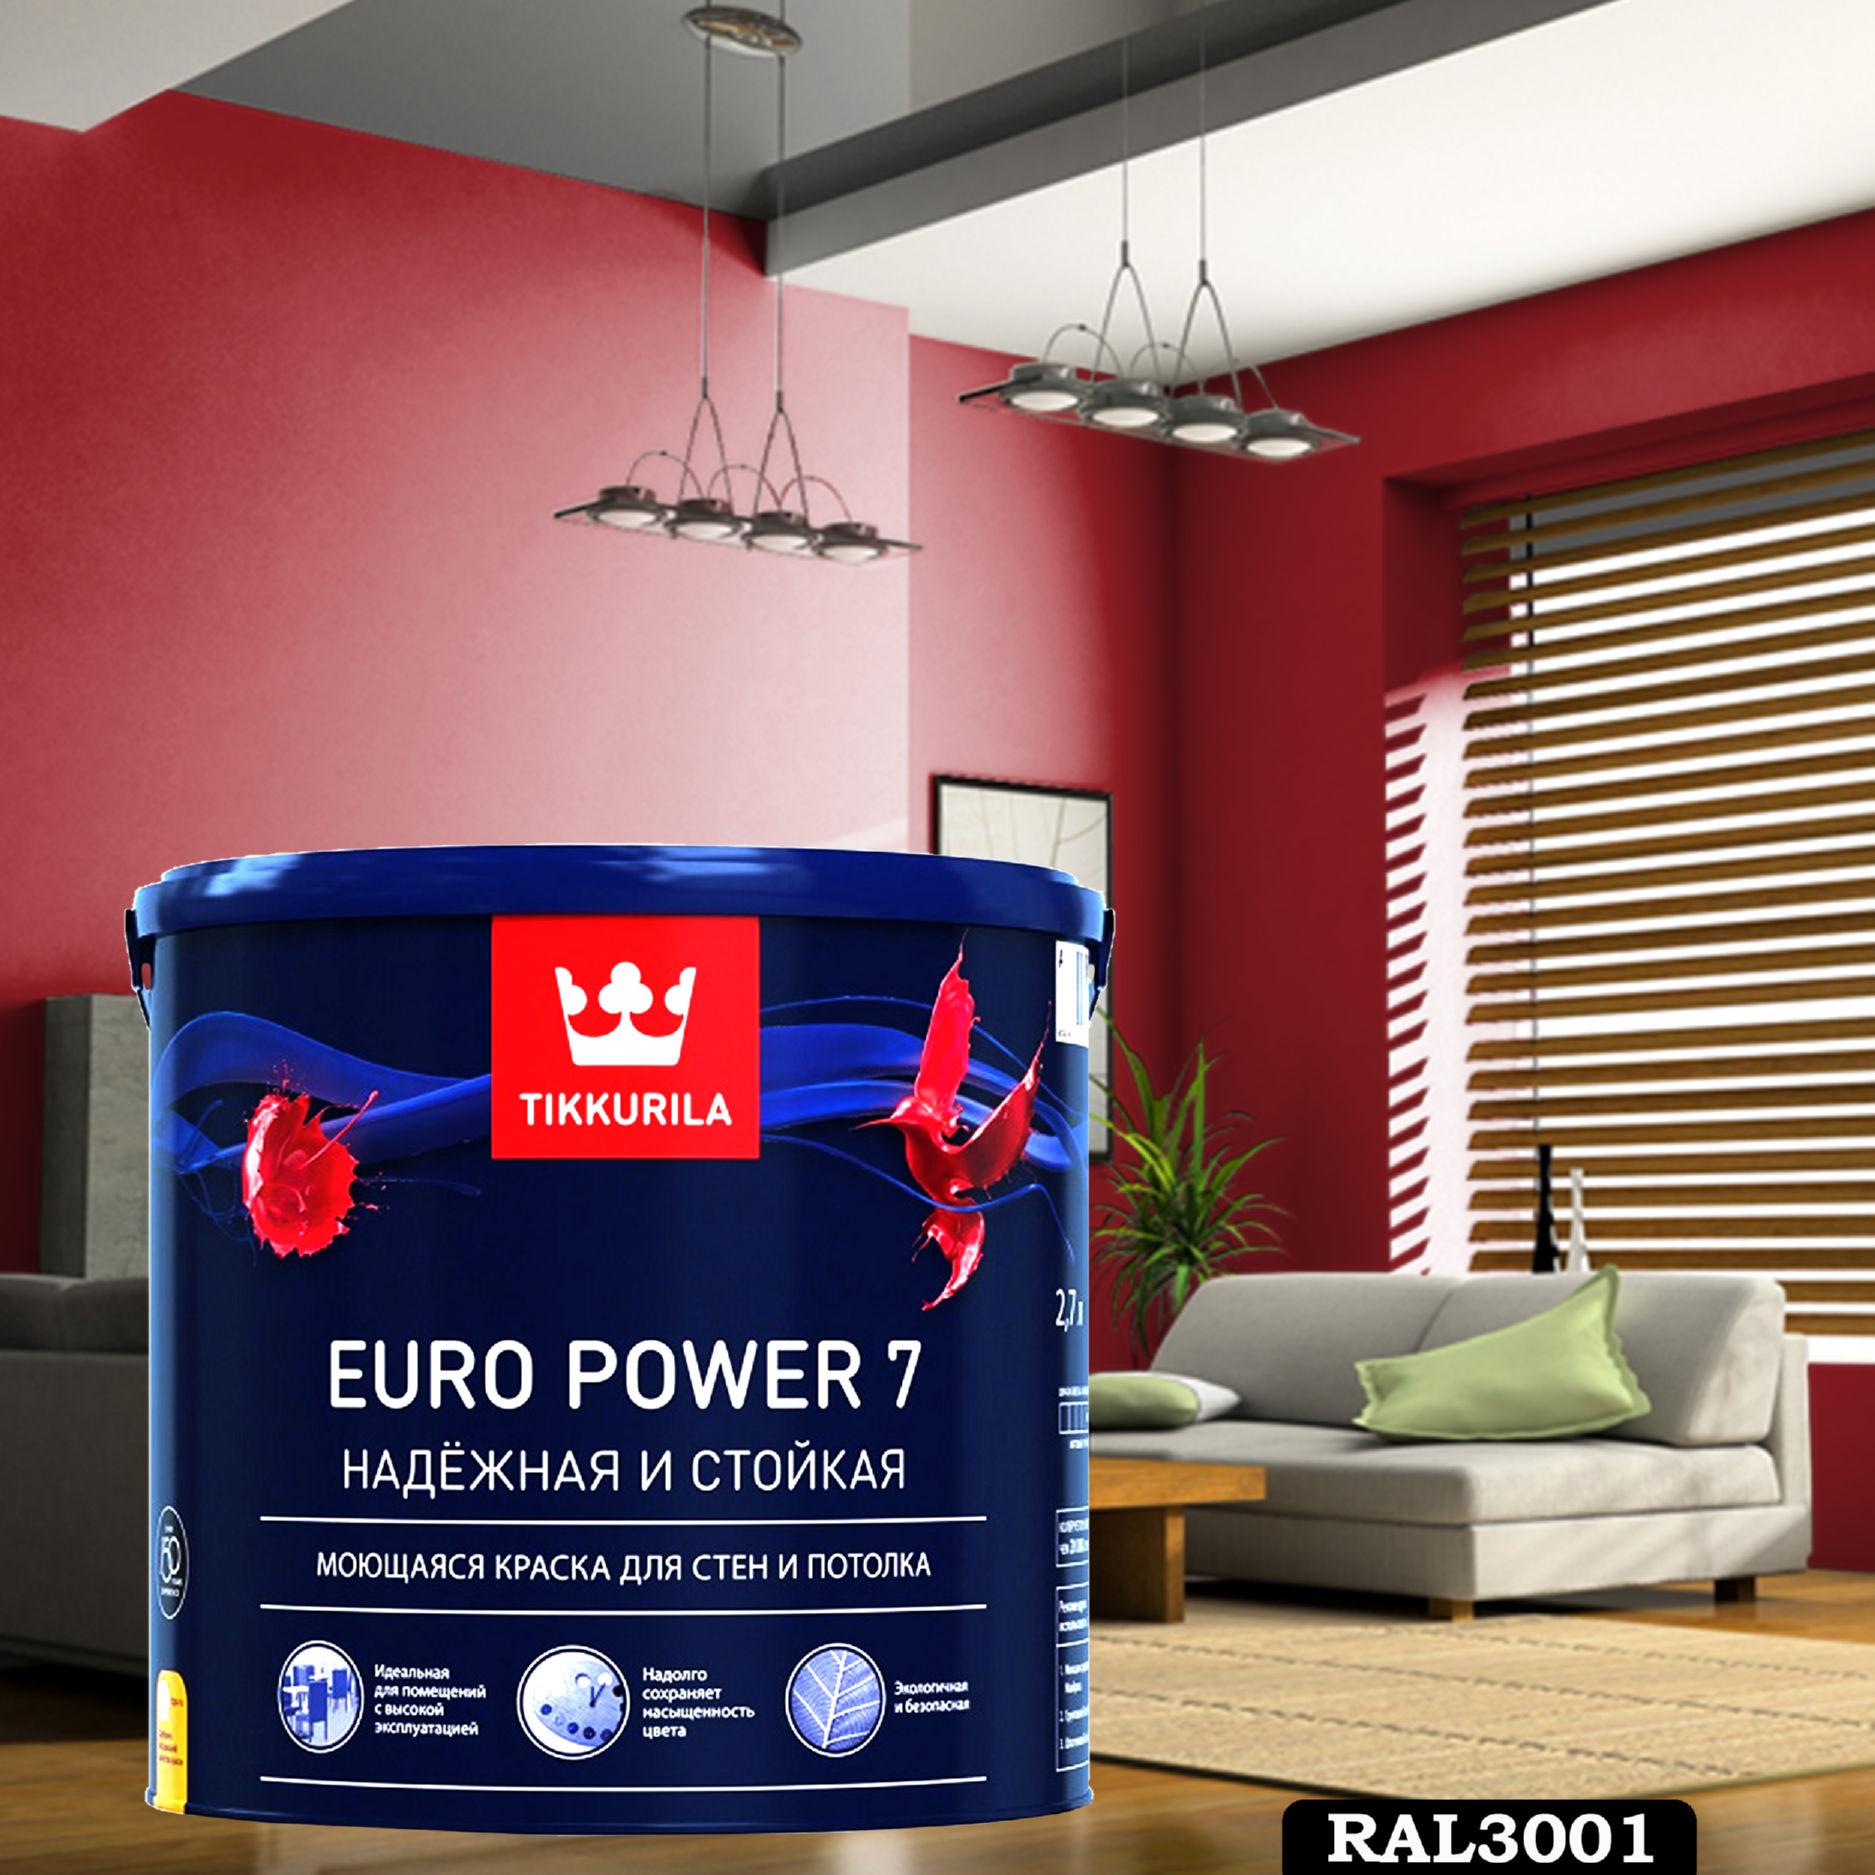 Фото 2 - Краска TIKKURILA Euro Power 7,  RAL 3001 Сигнальный-красный, латексная моющаяся матовая интерьерная, 9 л.